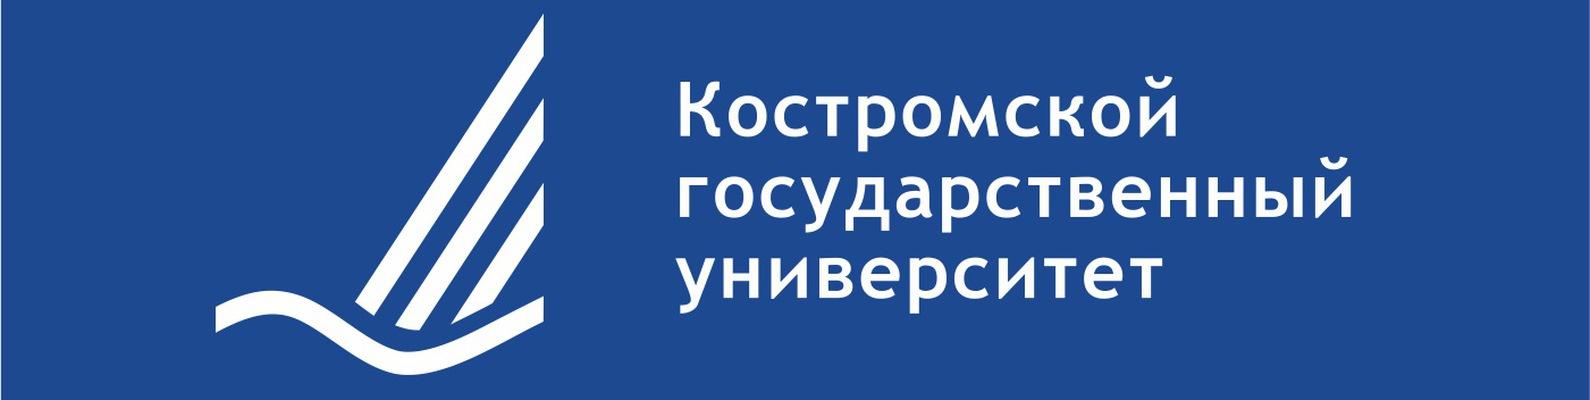 """Картинки по запросу """"кгу кострома"""""""